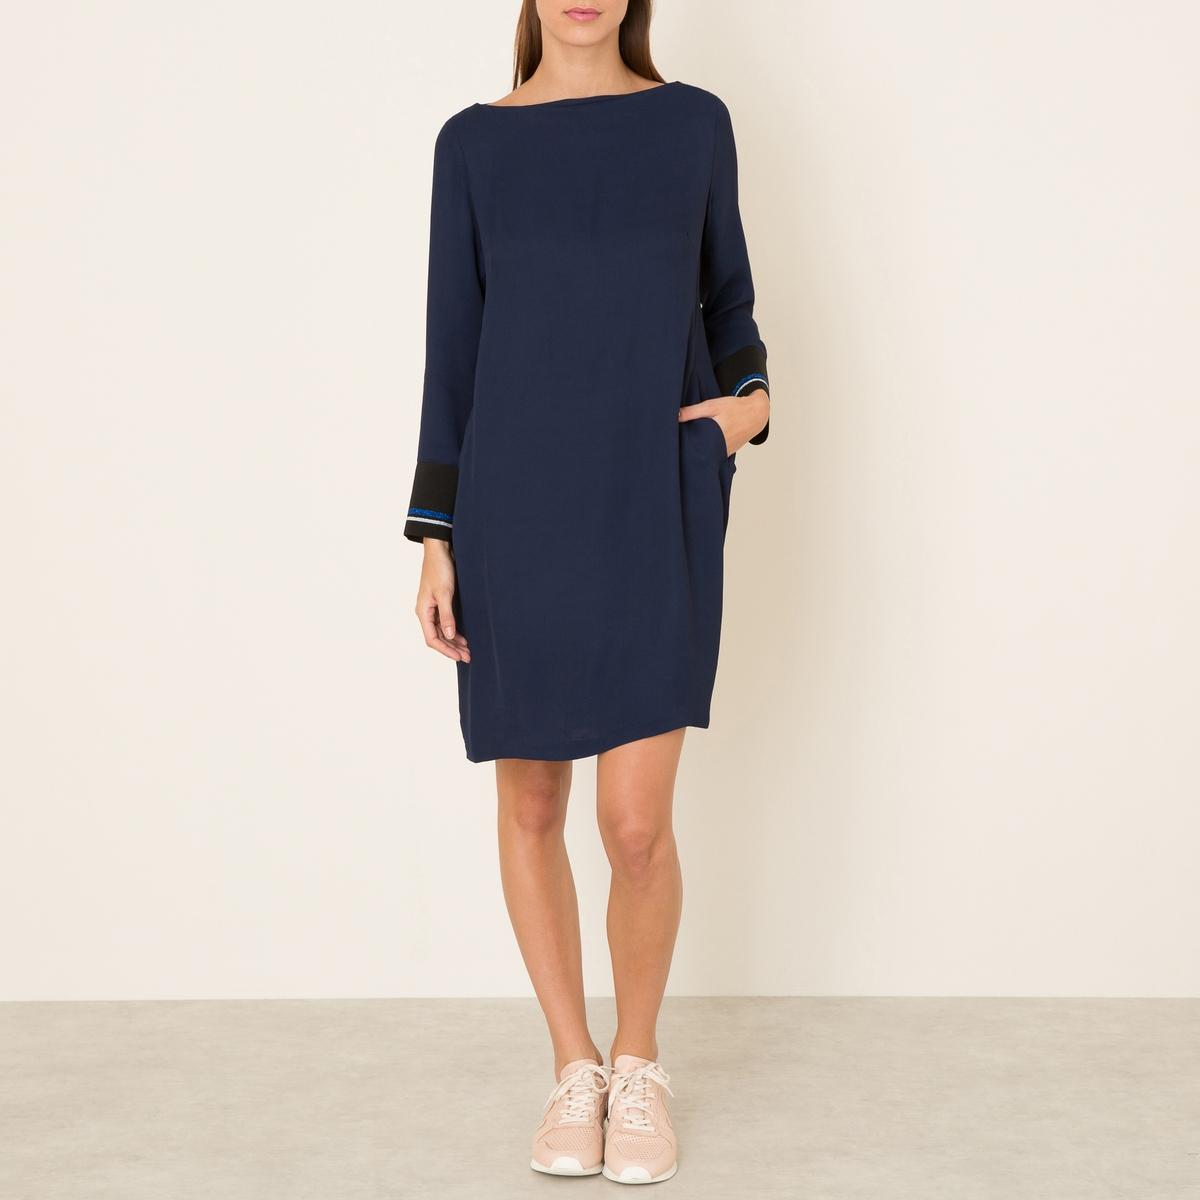 Платье LISAСостав и описание    Материал : 100% вискоза   Длина : 95 см. (для размера 36)   Марка : MOMONI<br><br>Цвет: темно-синий<br>Размер: S